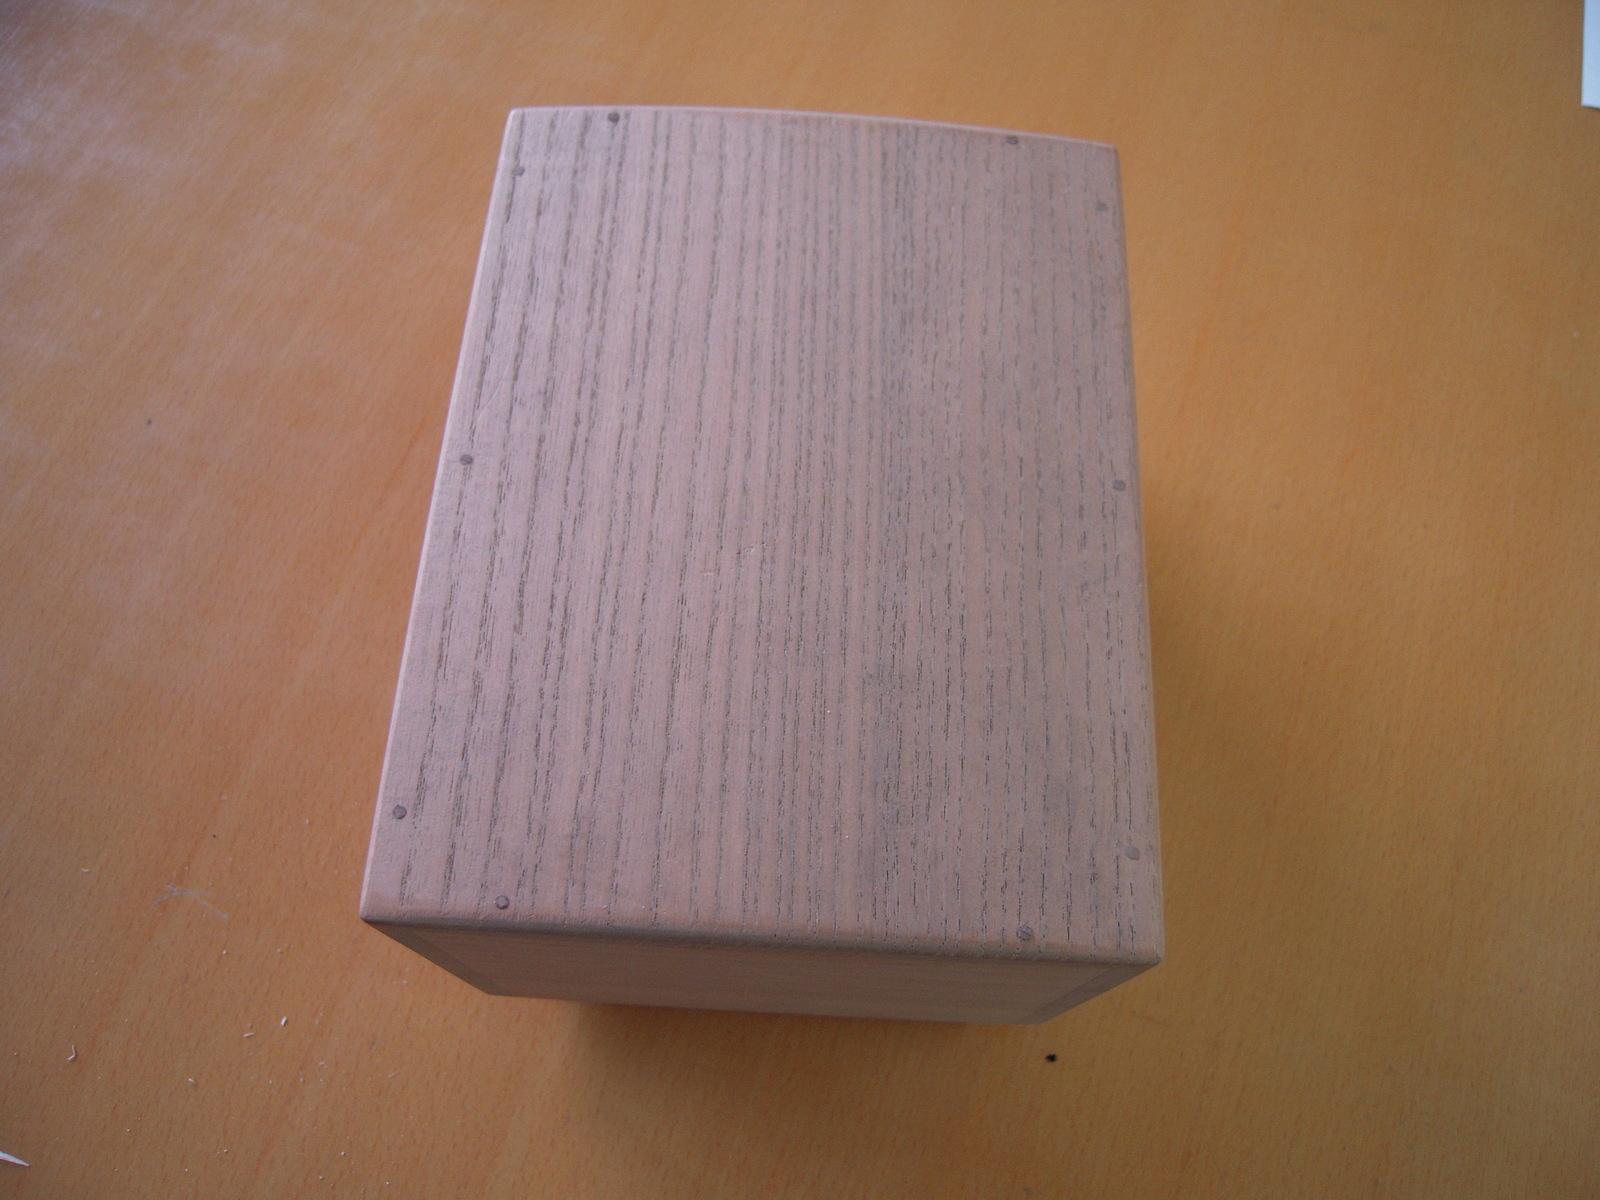 百人一首 収納桐箱 小 ひも付き 国産 高級 桐製 上等品 かるた カード 秀逸 オリジナル 豪華 収納 誕生日プレゼント